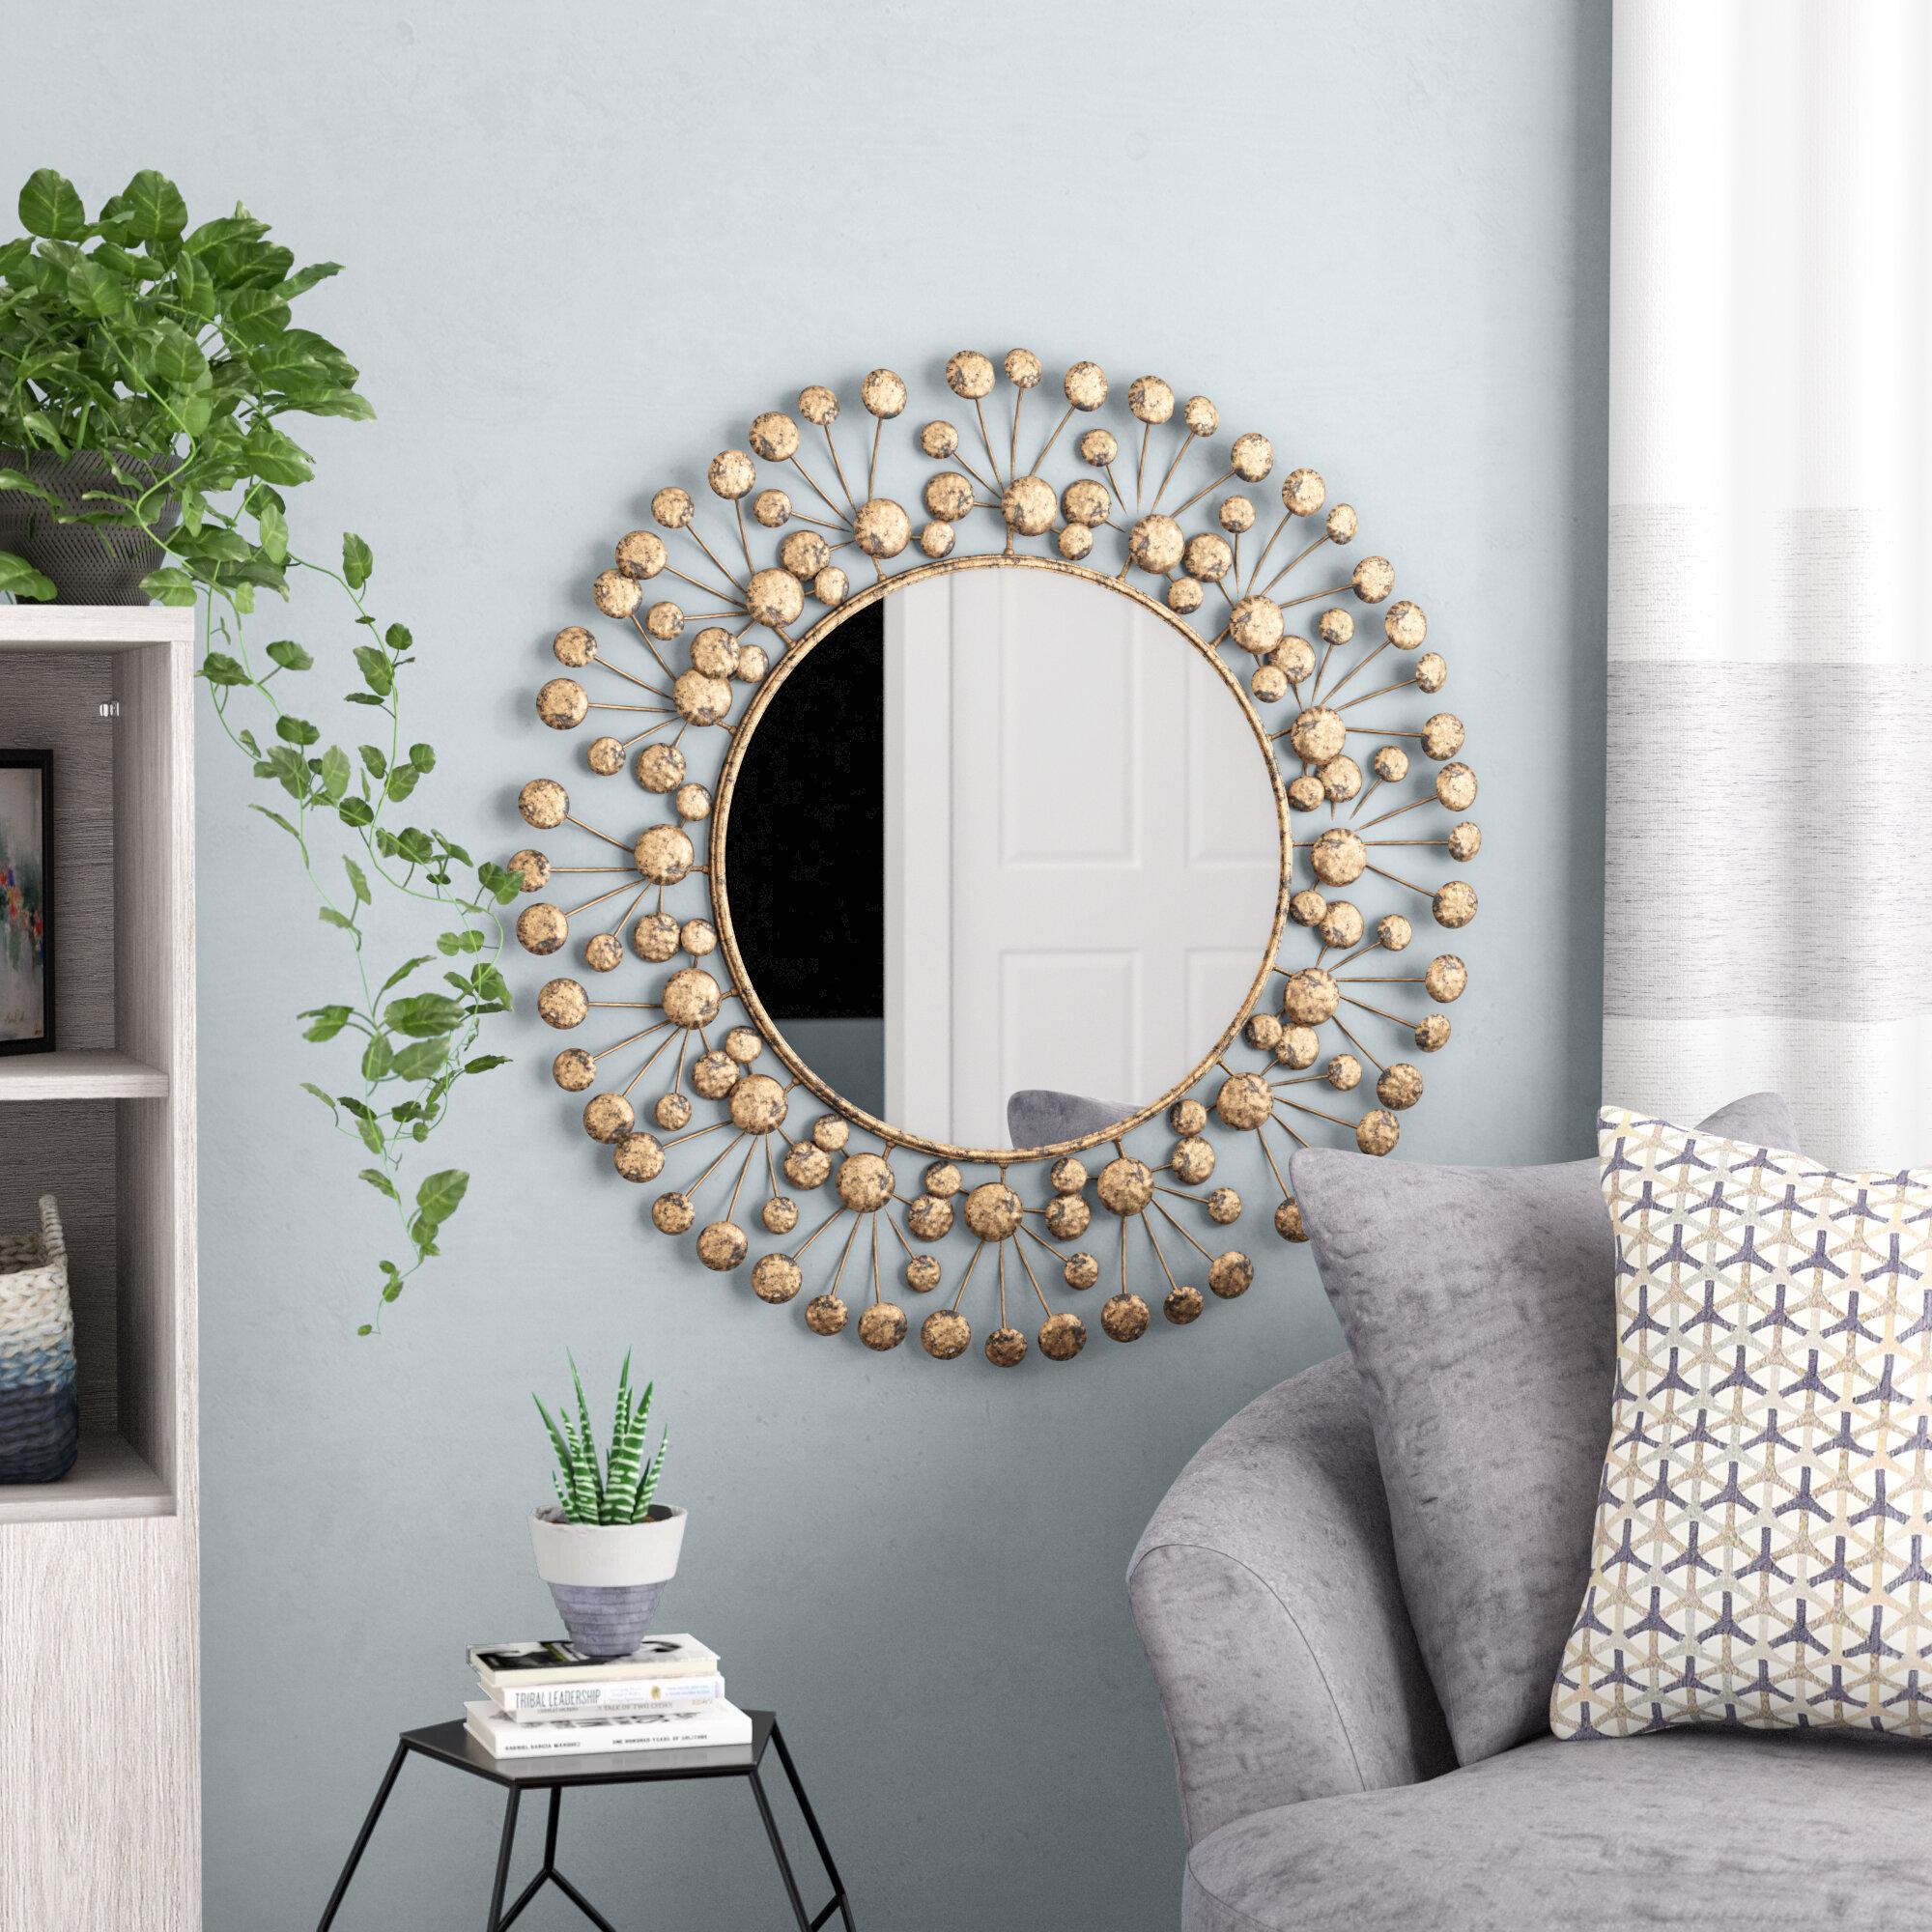 Eisenbarth Oversized Decorative Round Wall Mirror